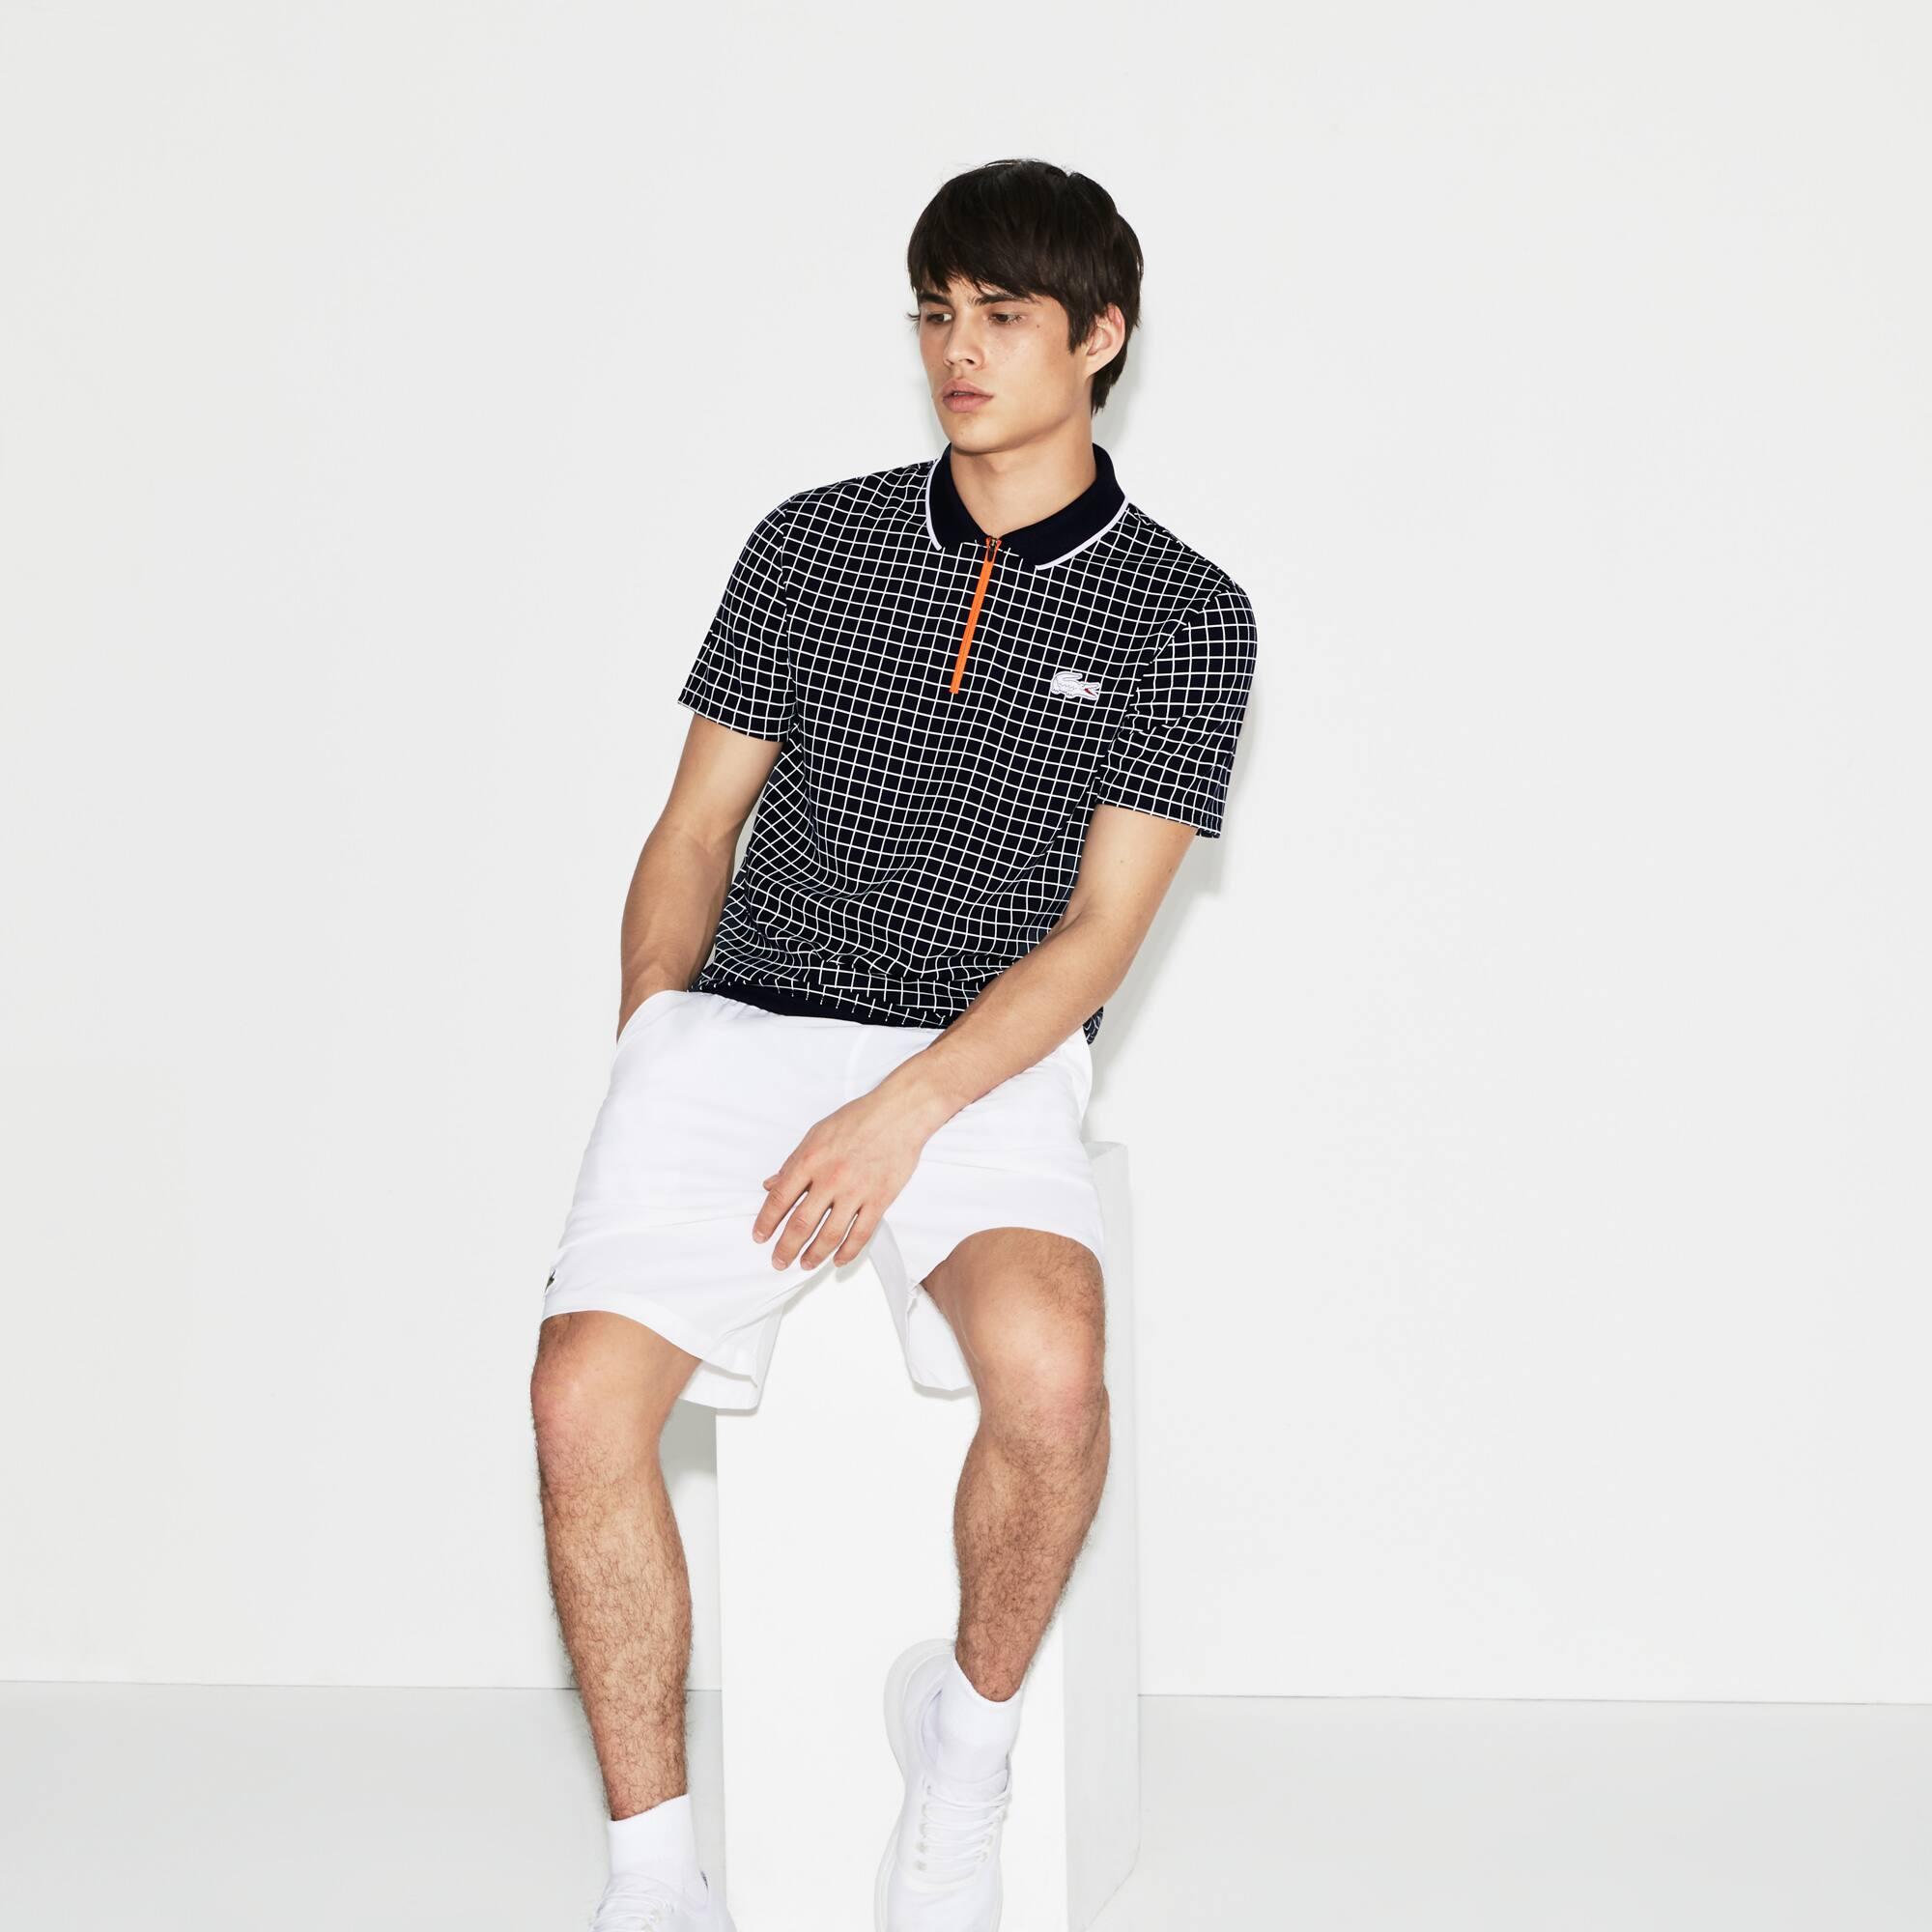 Camisa Polo Lacoste Sport Masculina Edição Roland Garros em Piqué Técnico Estampado